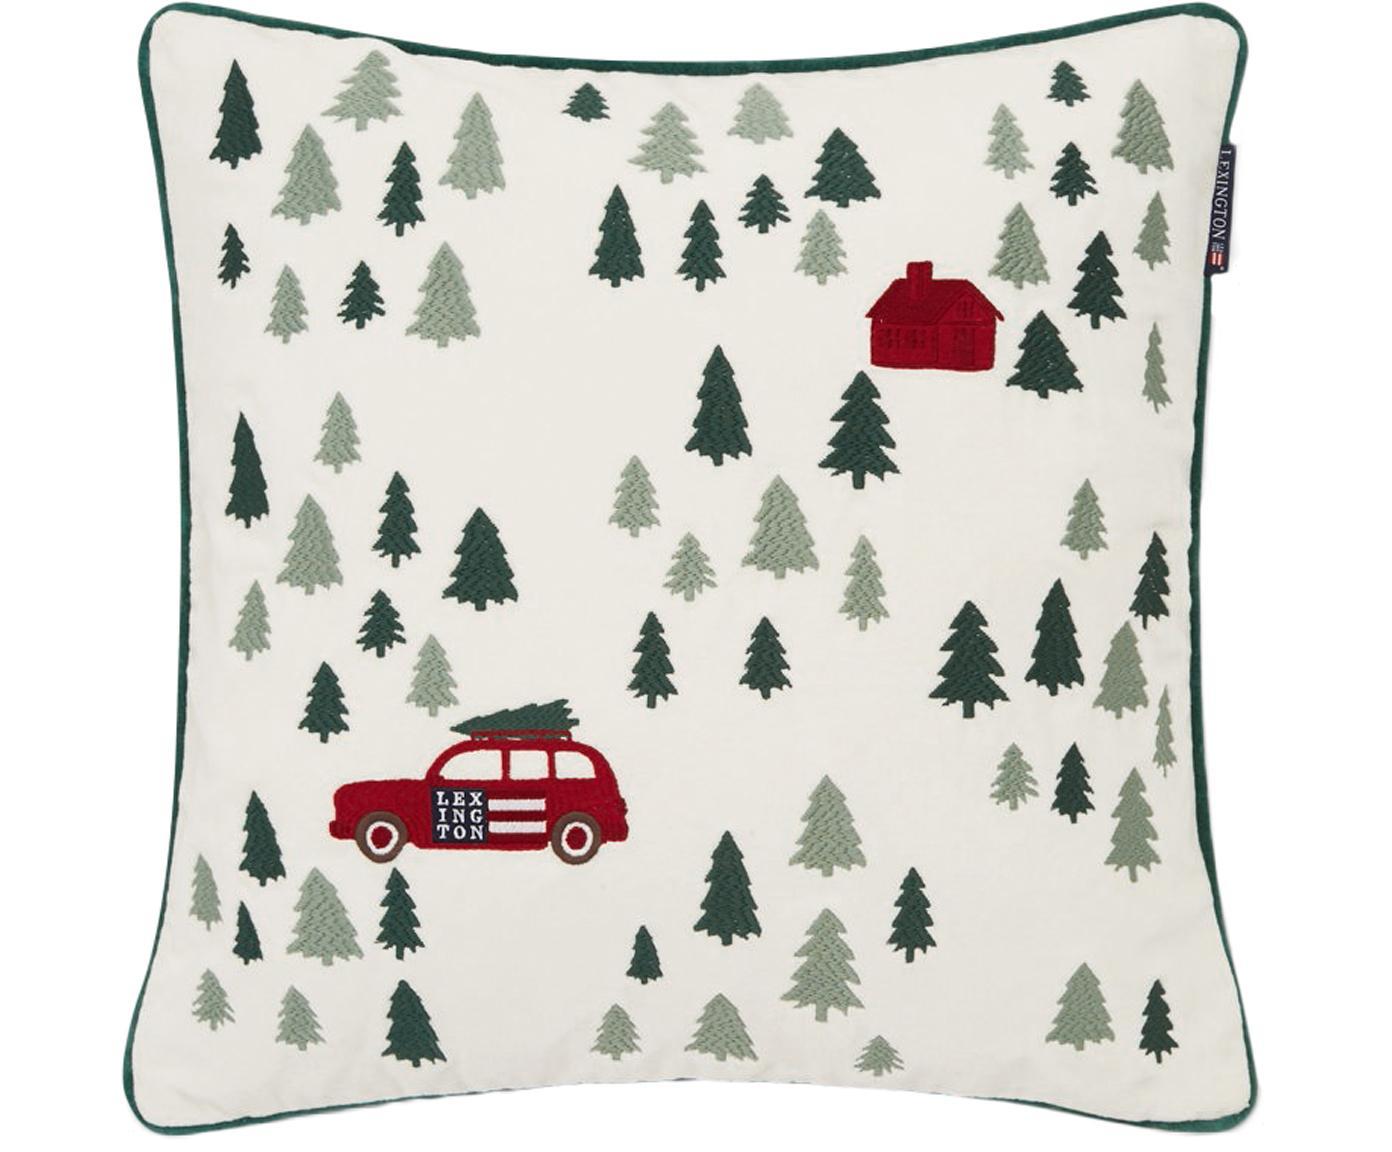 Geborduurde fluwelen kussenhoes Holiday, Katoenfluweel, Wit, rood, groen, 50 x 50 cm